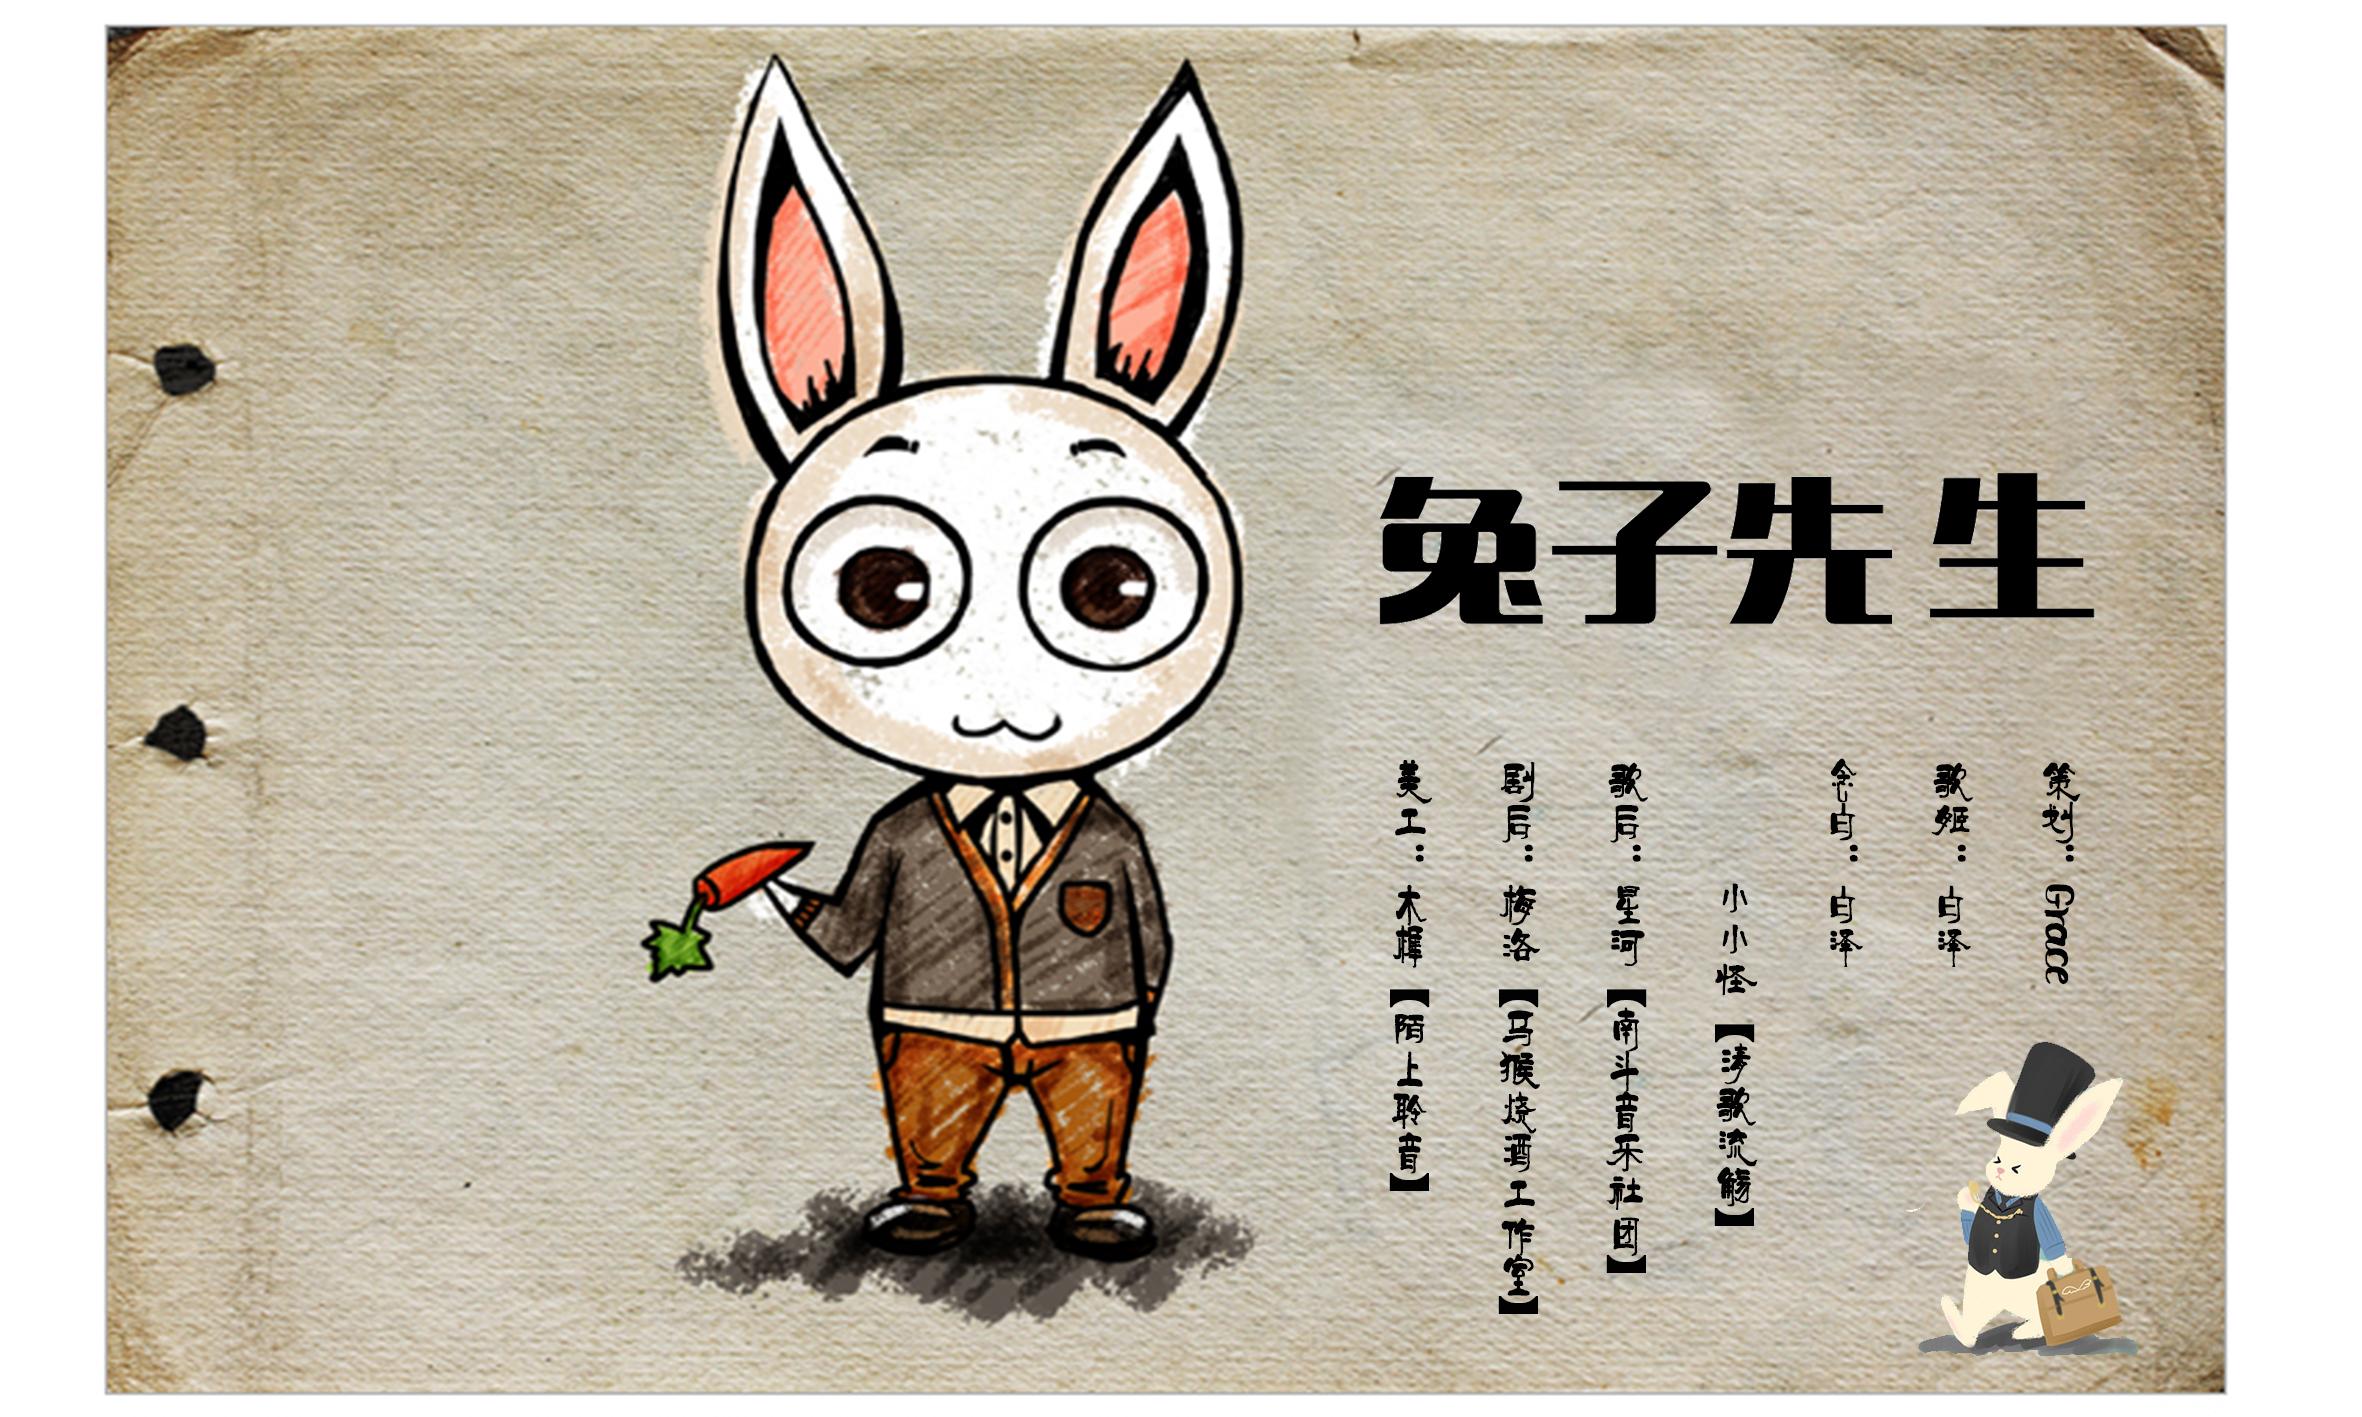 妈妈和孩子的声音都是同一个人哦q(≥▽≤q),兔子先生的声线也好赞